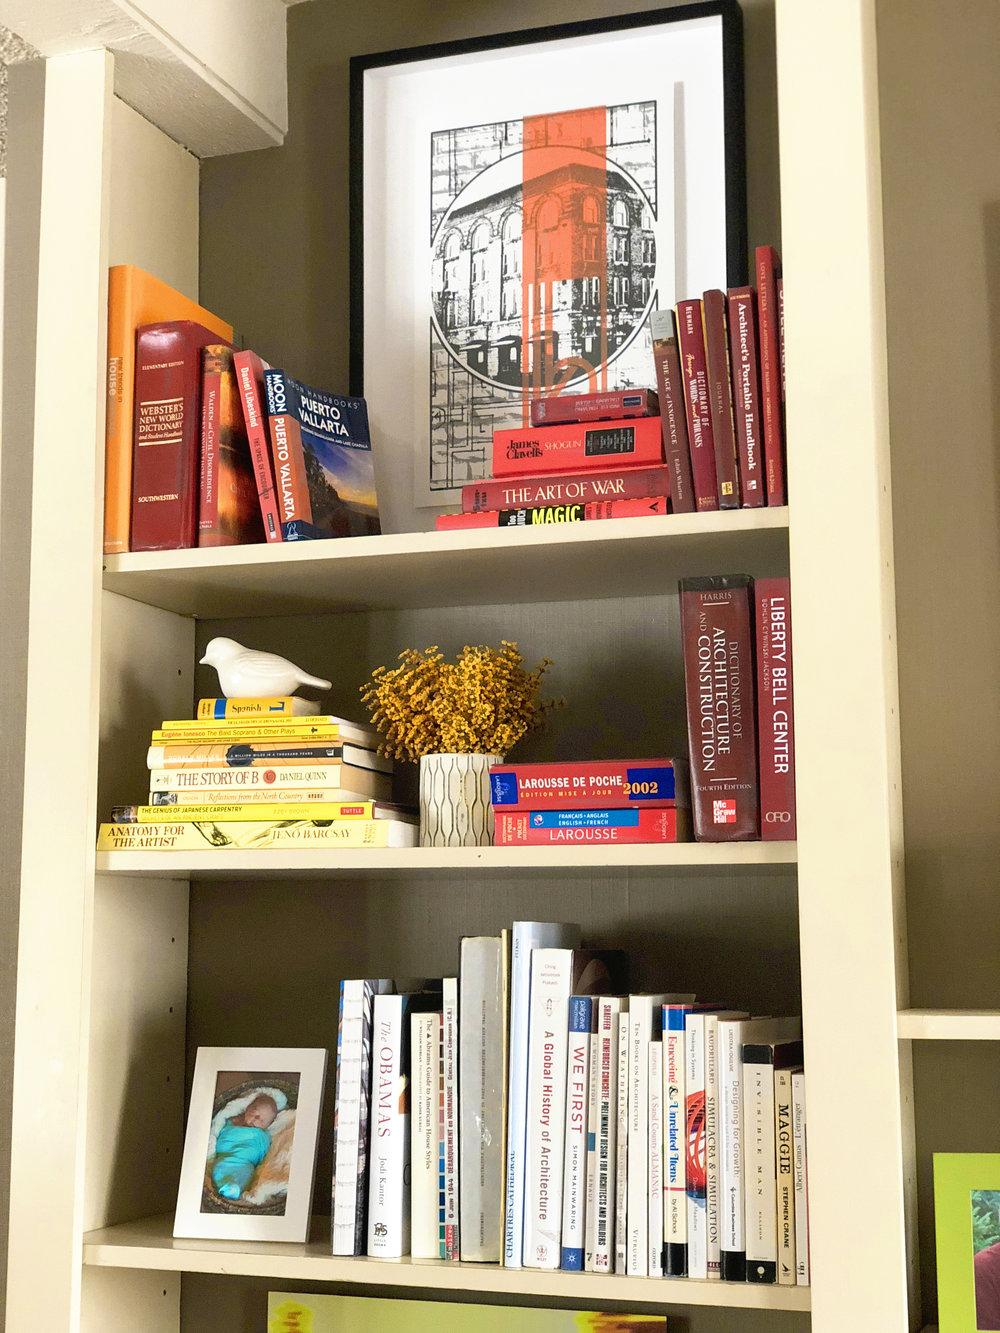 redbookshelf.jpg